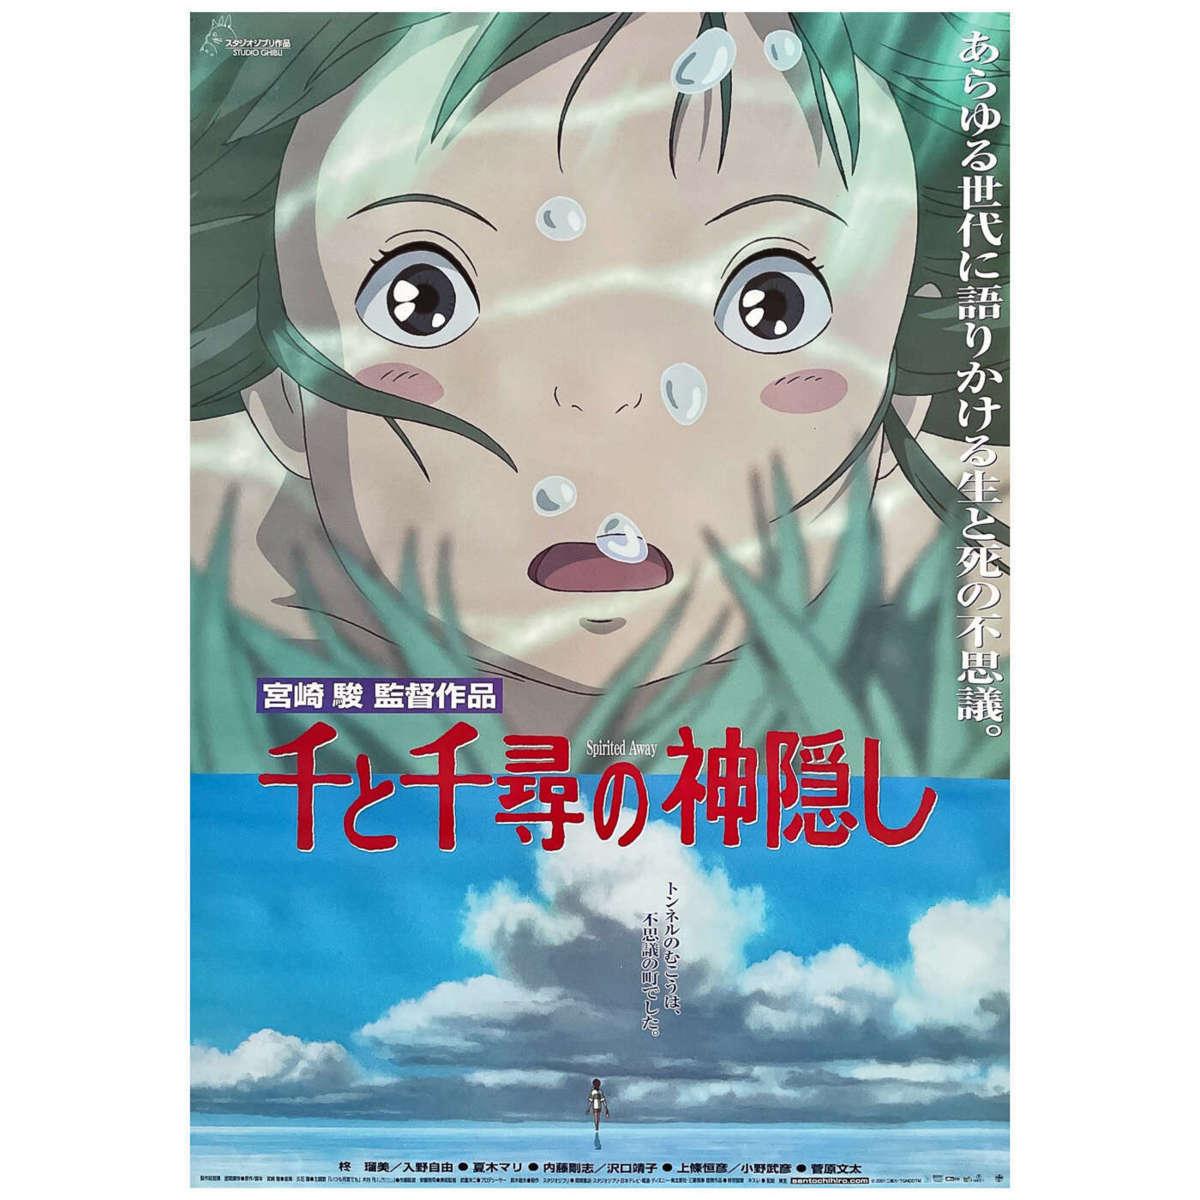 アニメ ゲーム ポスター 千と千尋の神隠し 宮崎駿 告知